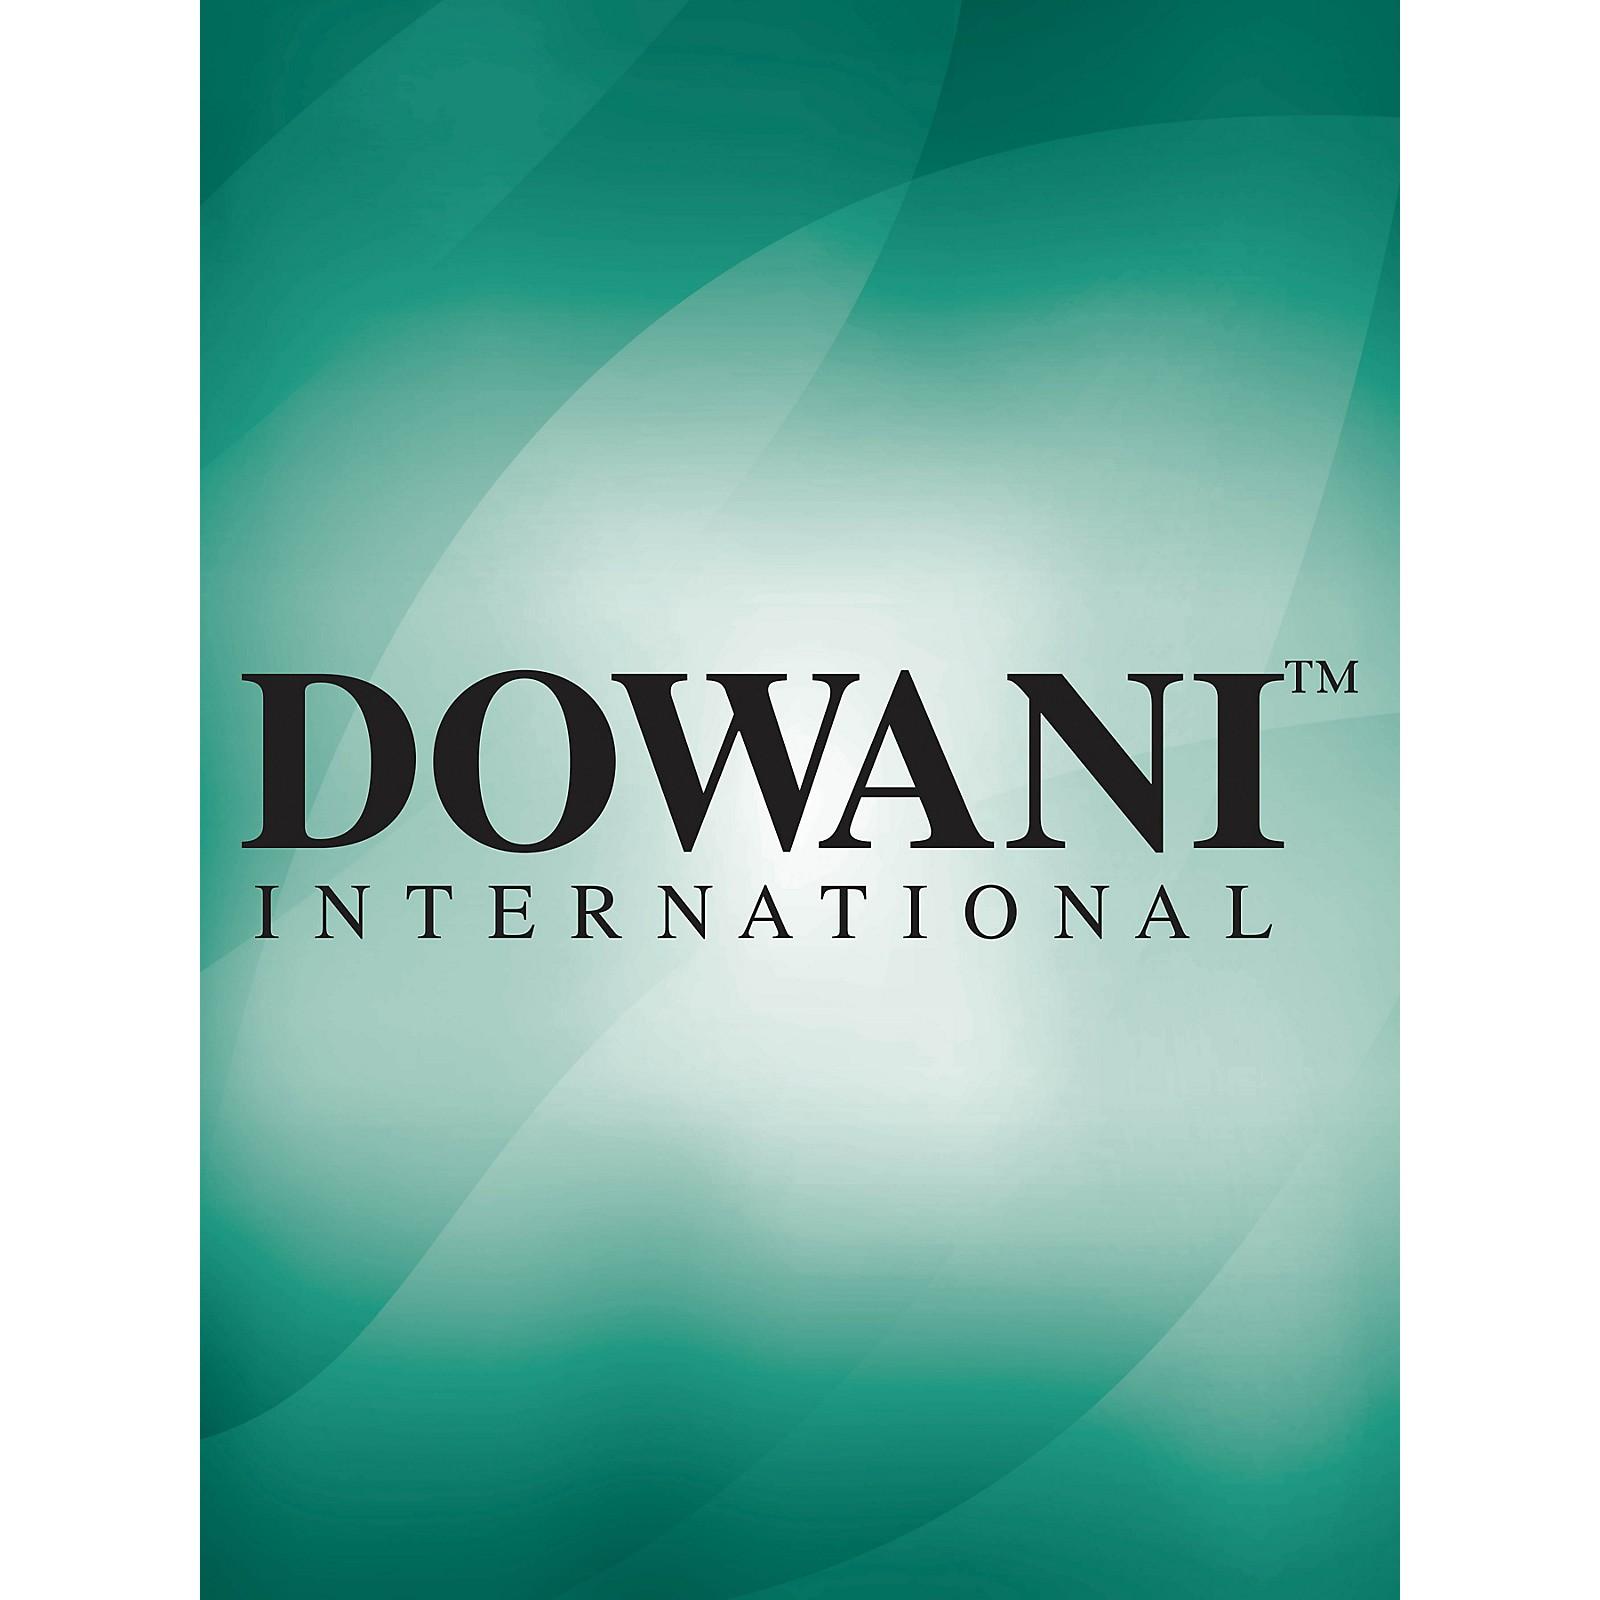 Dowani Editions Telemann - Partita No. 5 in E Minor for Descant (Soprano) Recorder and Harpsichord Dowani Book/CD Series